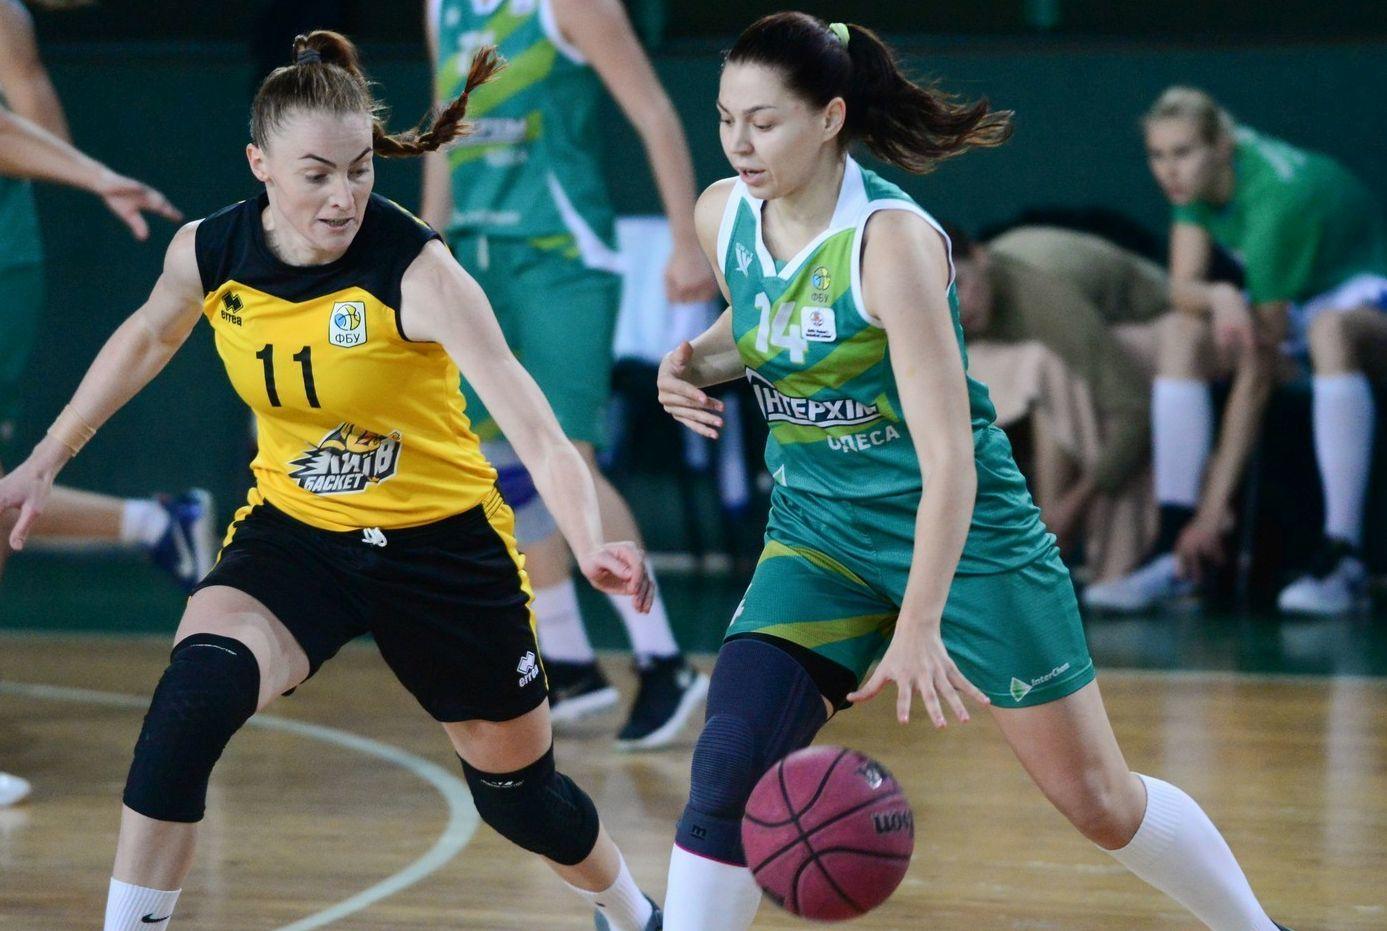 Жіноча Суперліга: Київ-Баскет переміг ІнтерХім-СДЮСШОР